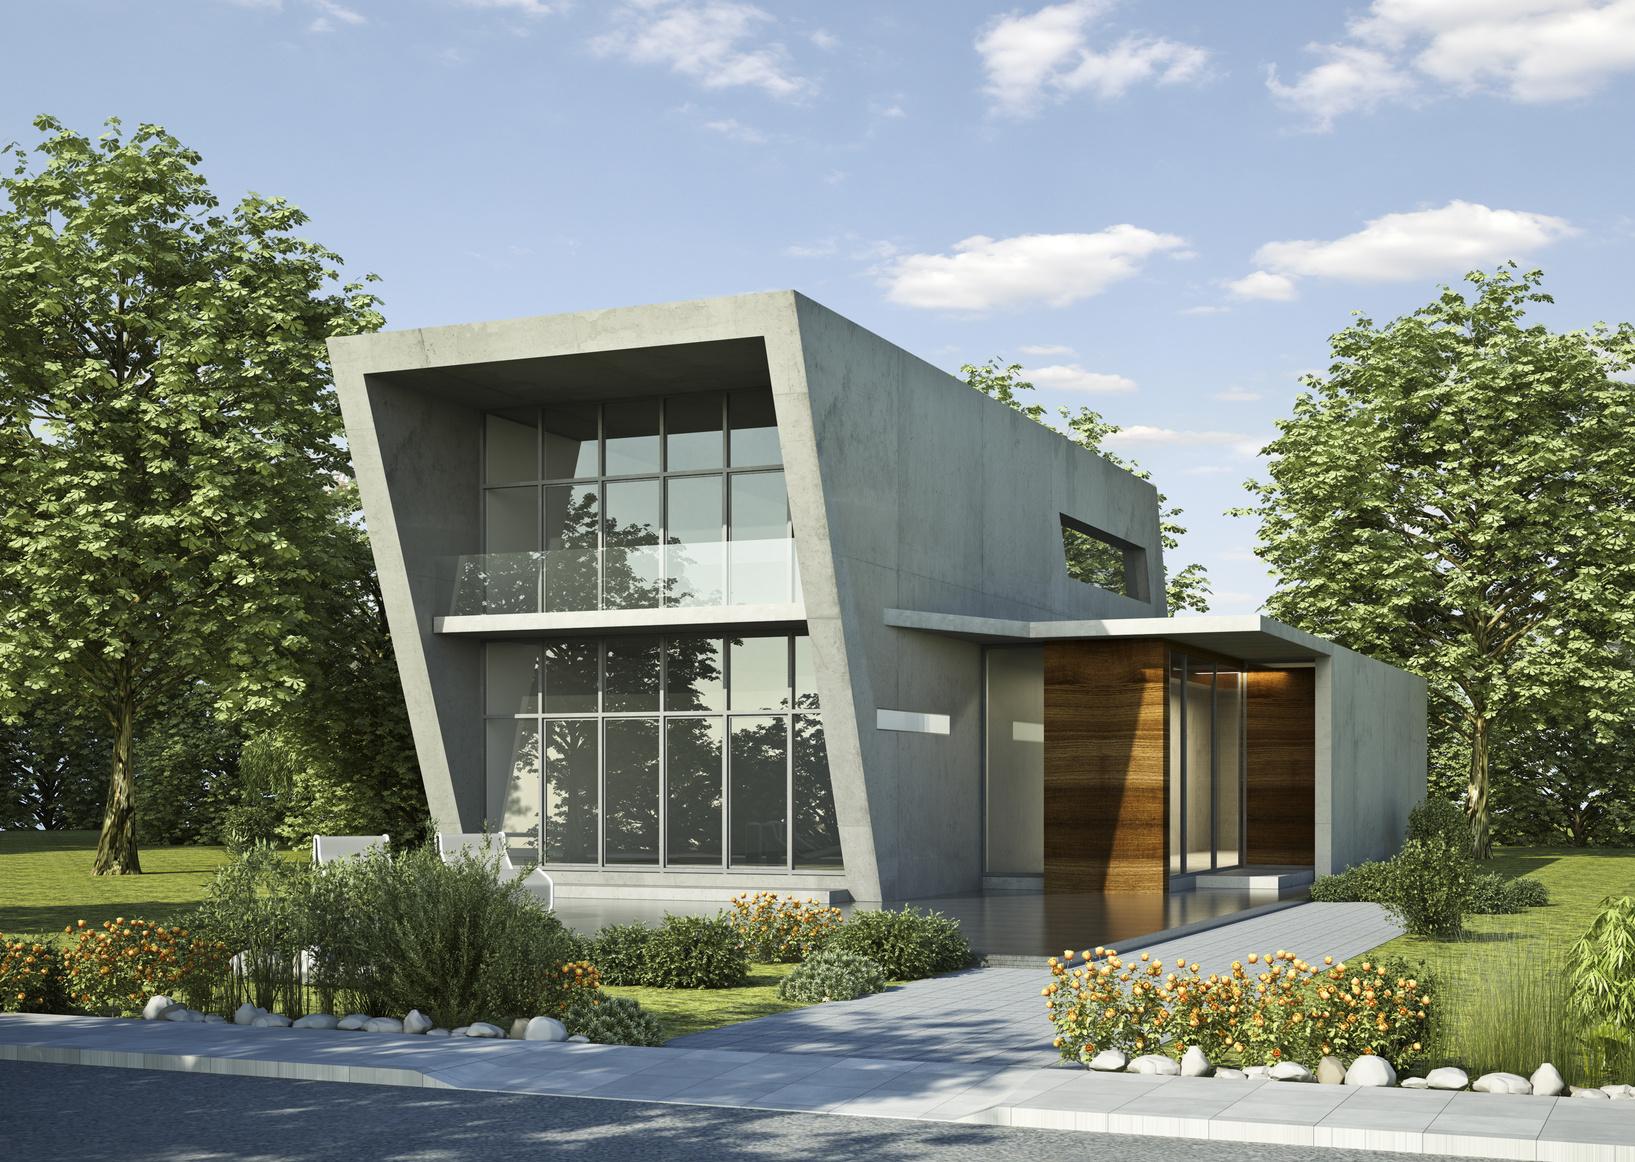 Comprar casa de hormigon es una buena inversi n - Tocar madera casas ...